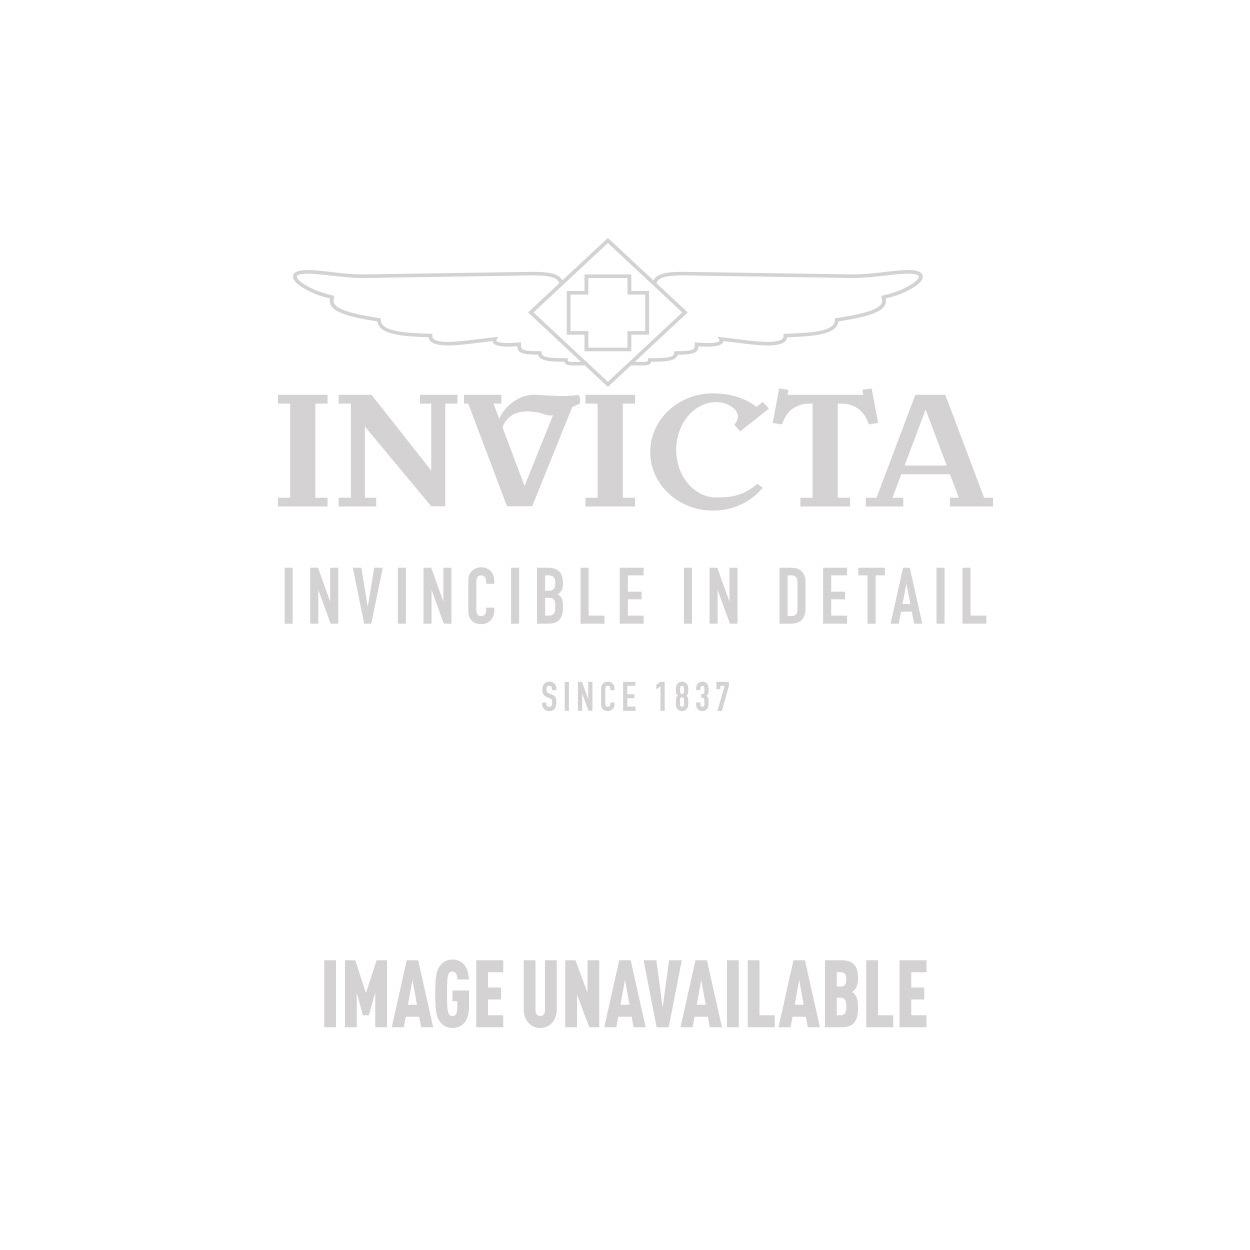 Invicta Model 28558